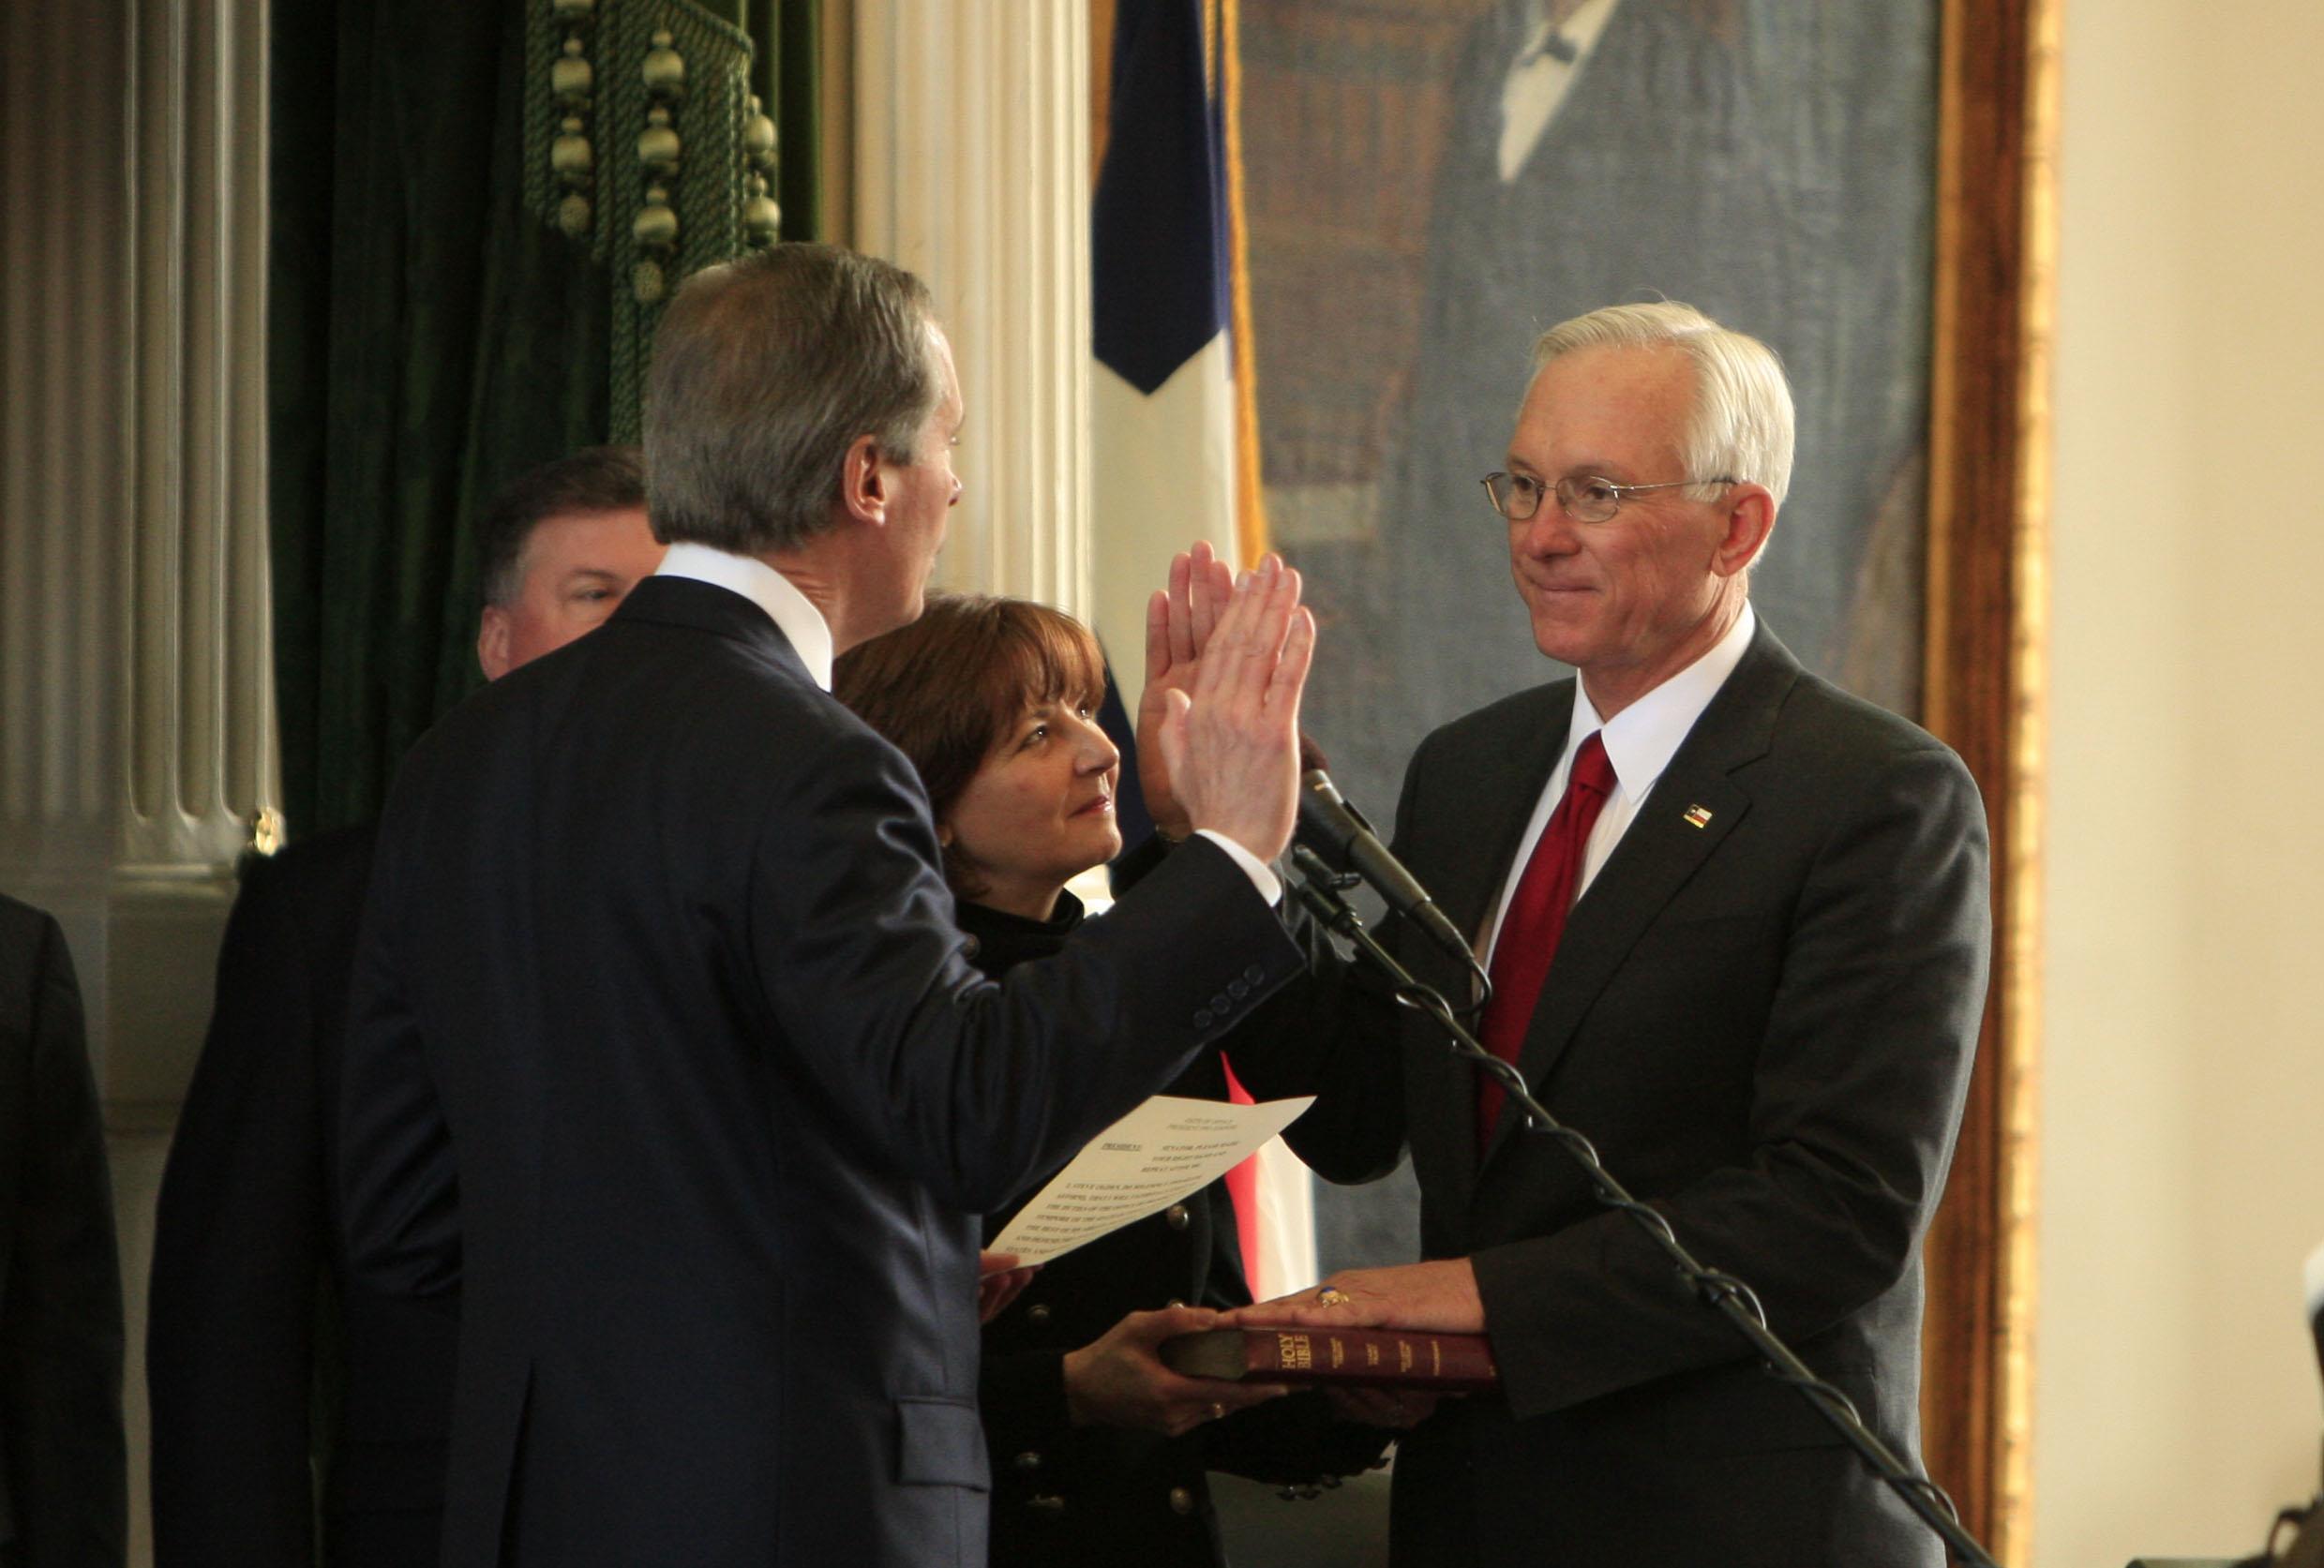 Senator Ogden sworn in as Senate President.